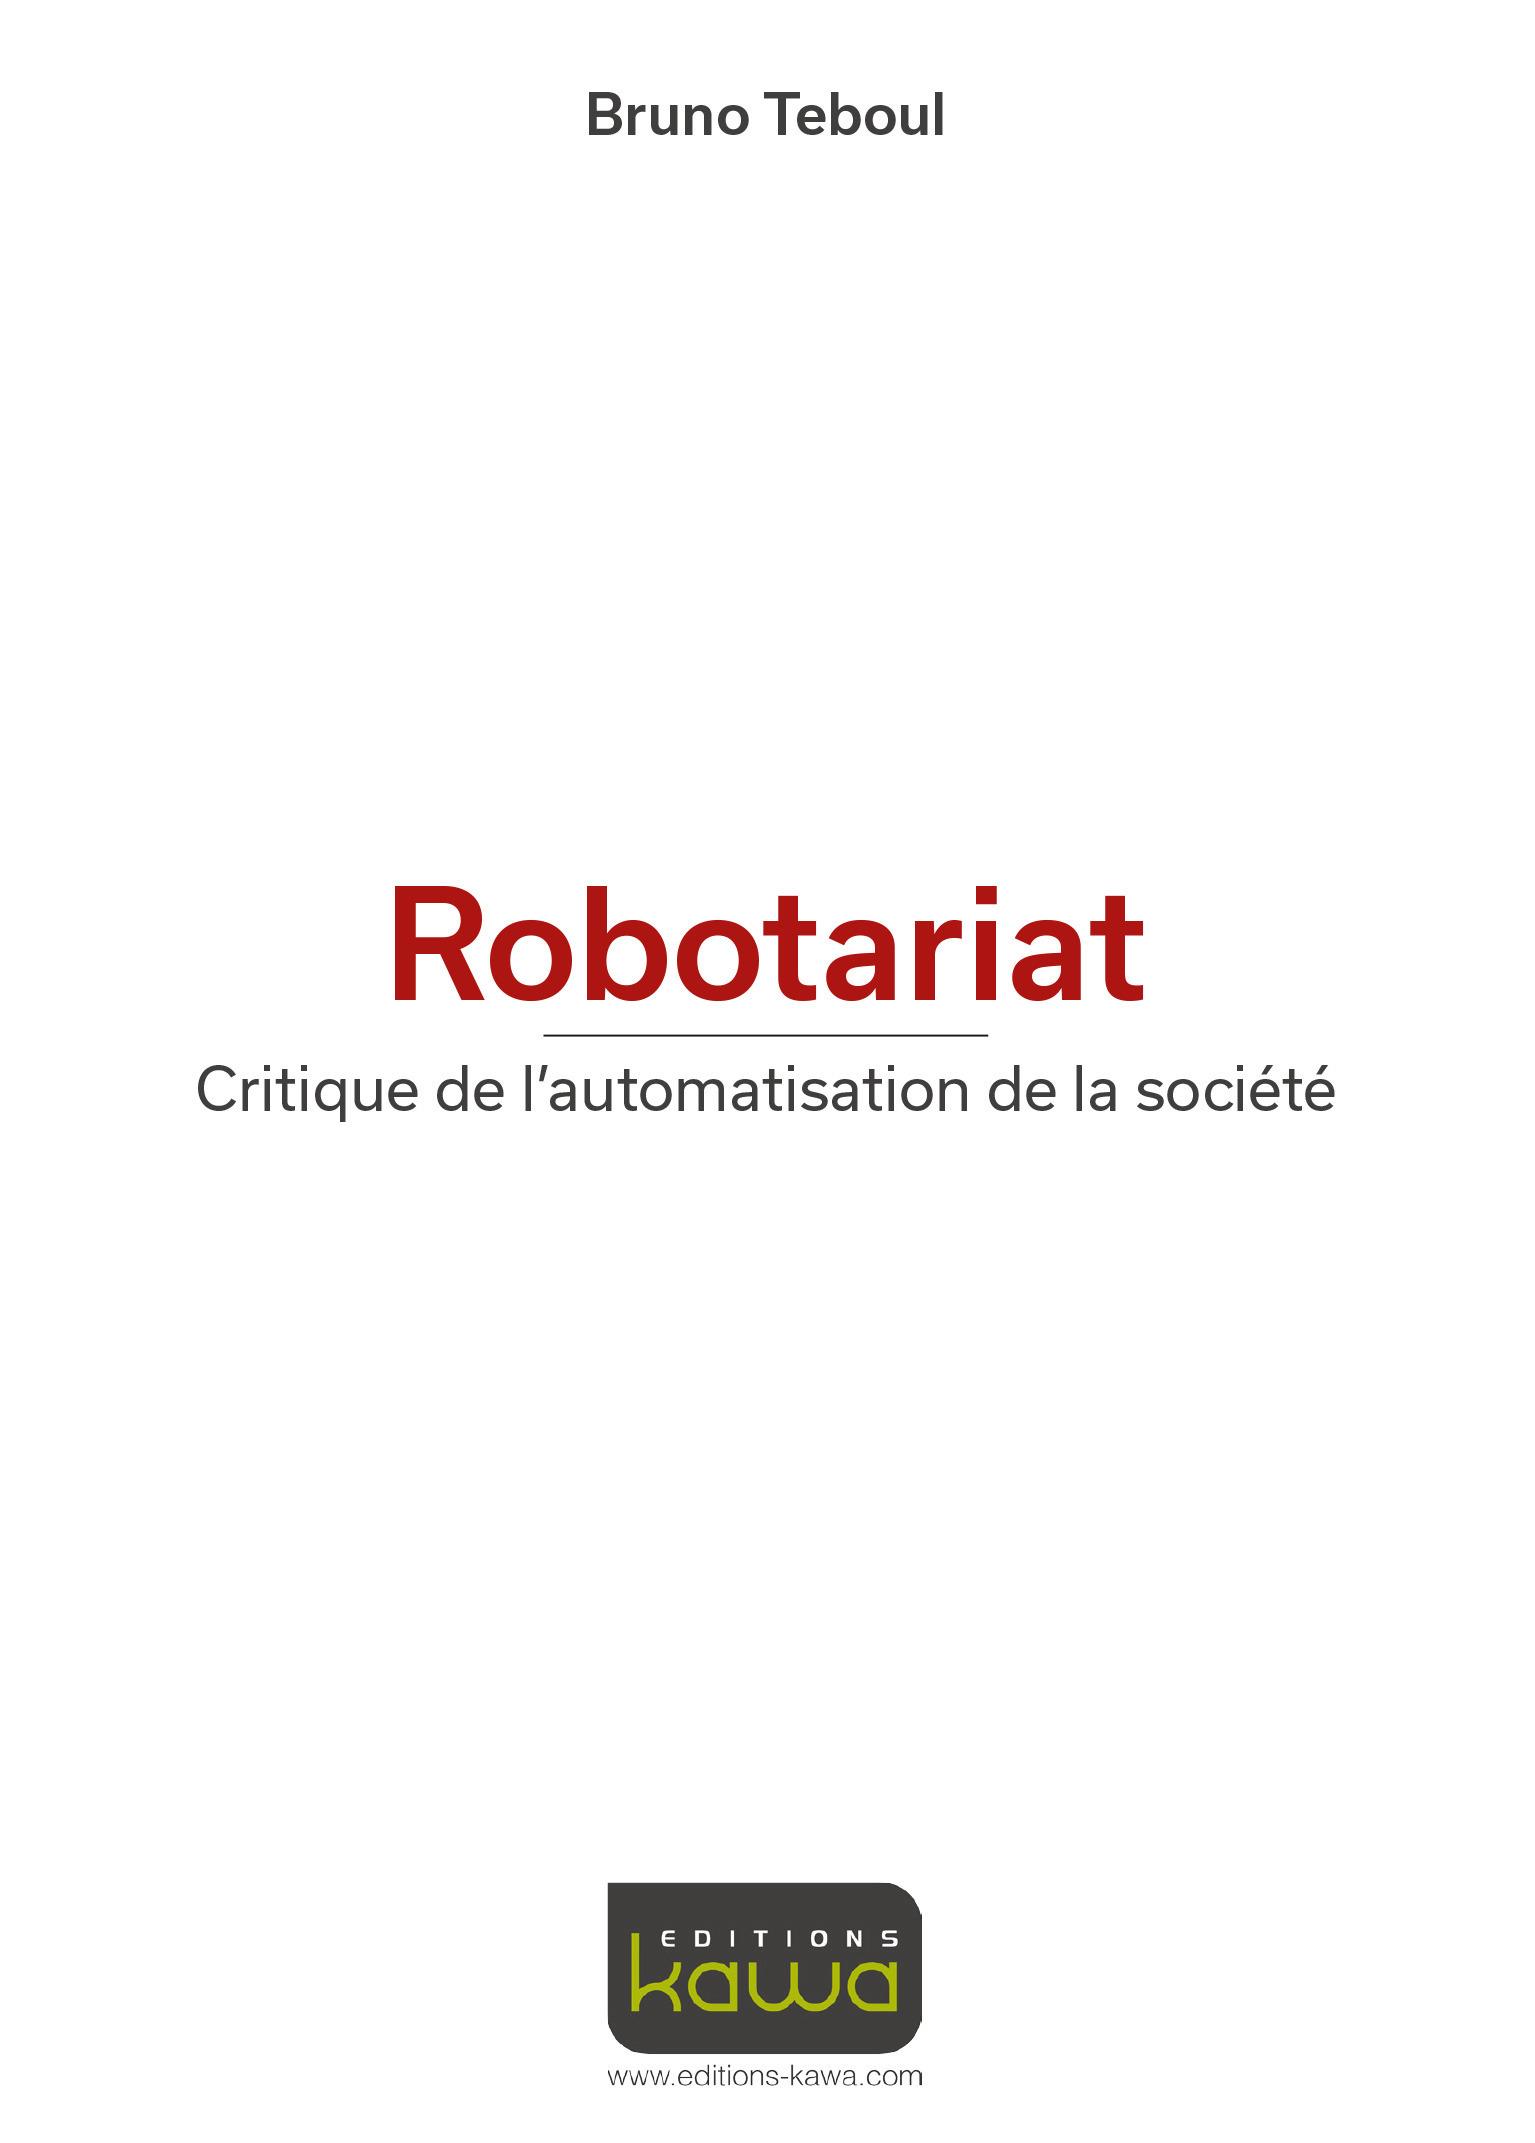 Robotariat ; critique de l'automatisation de la société